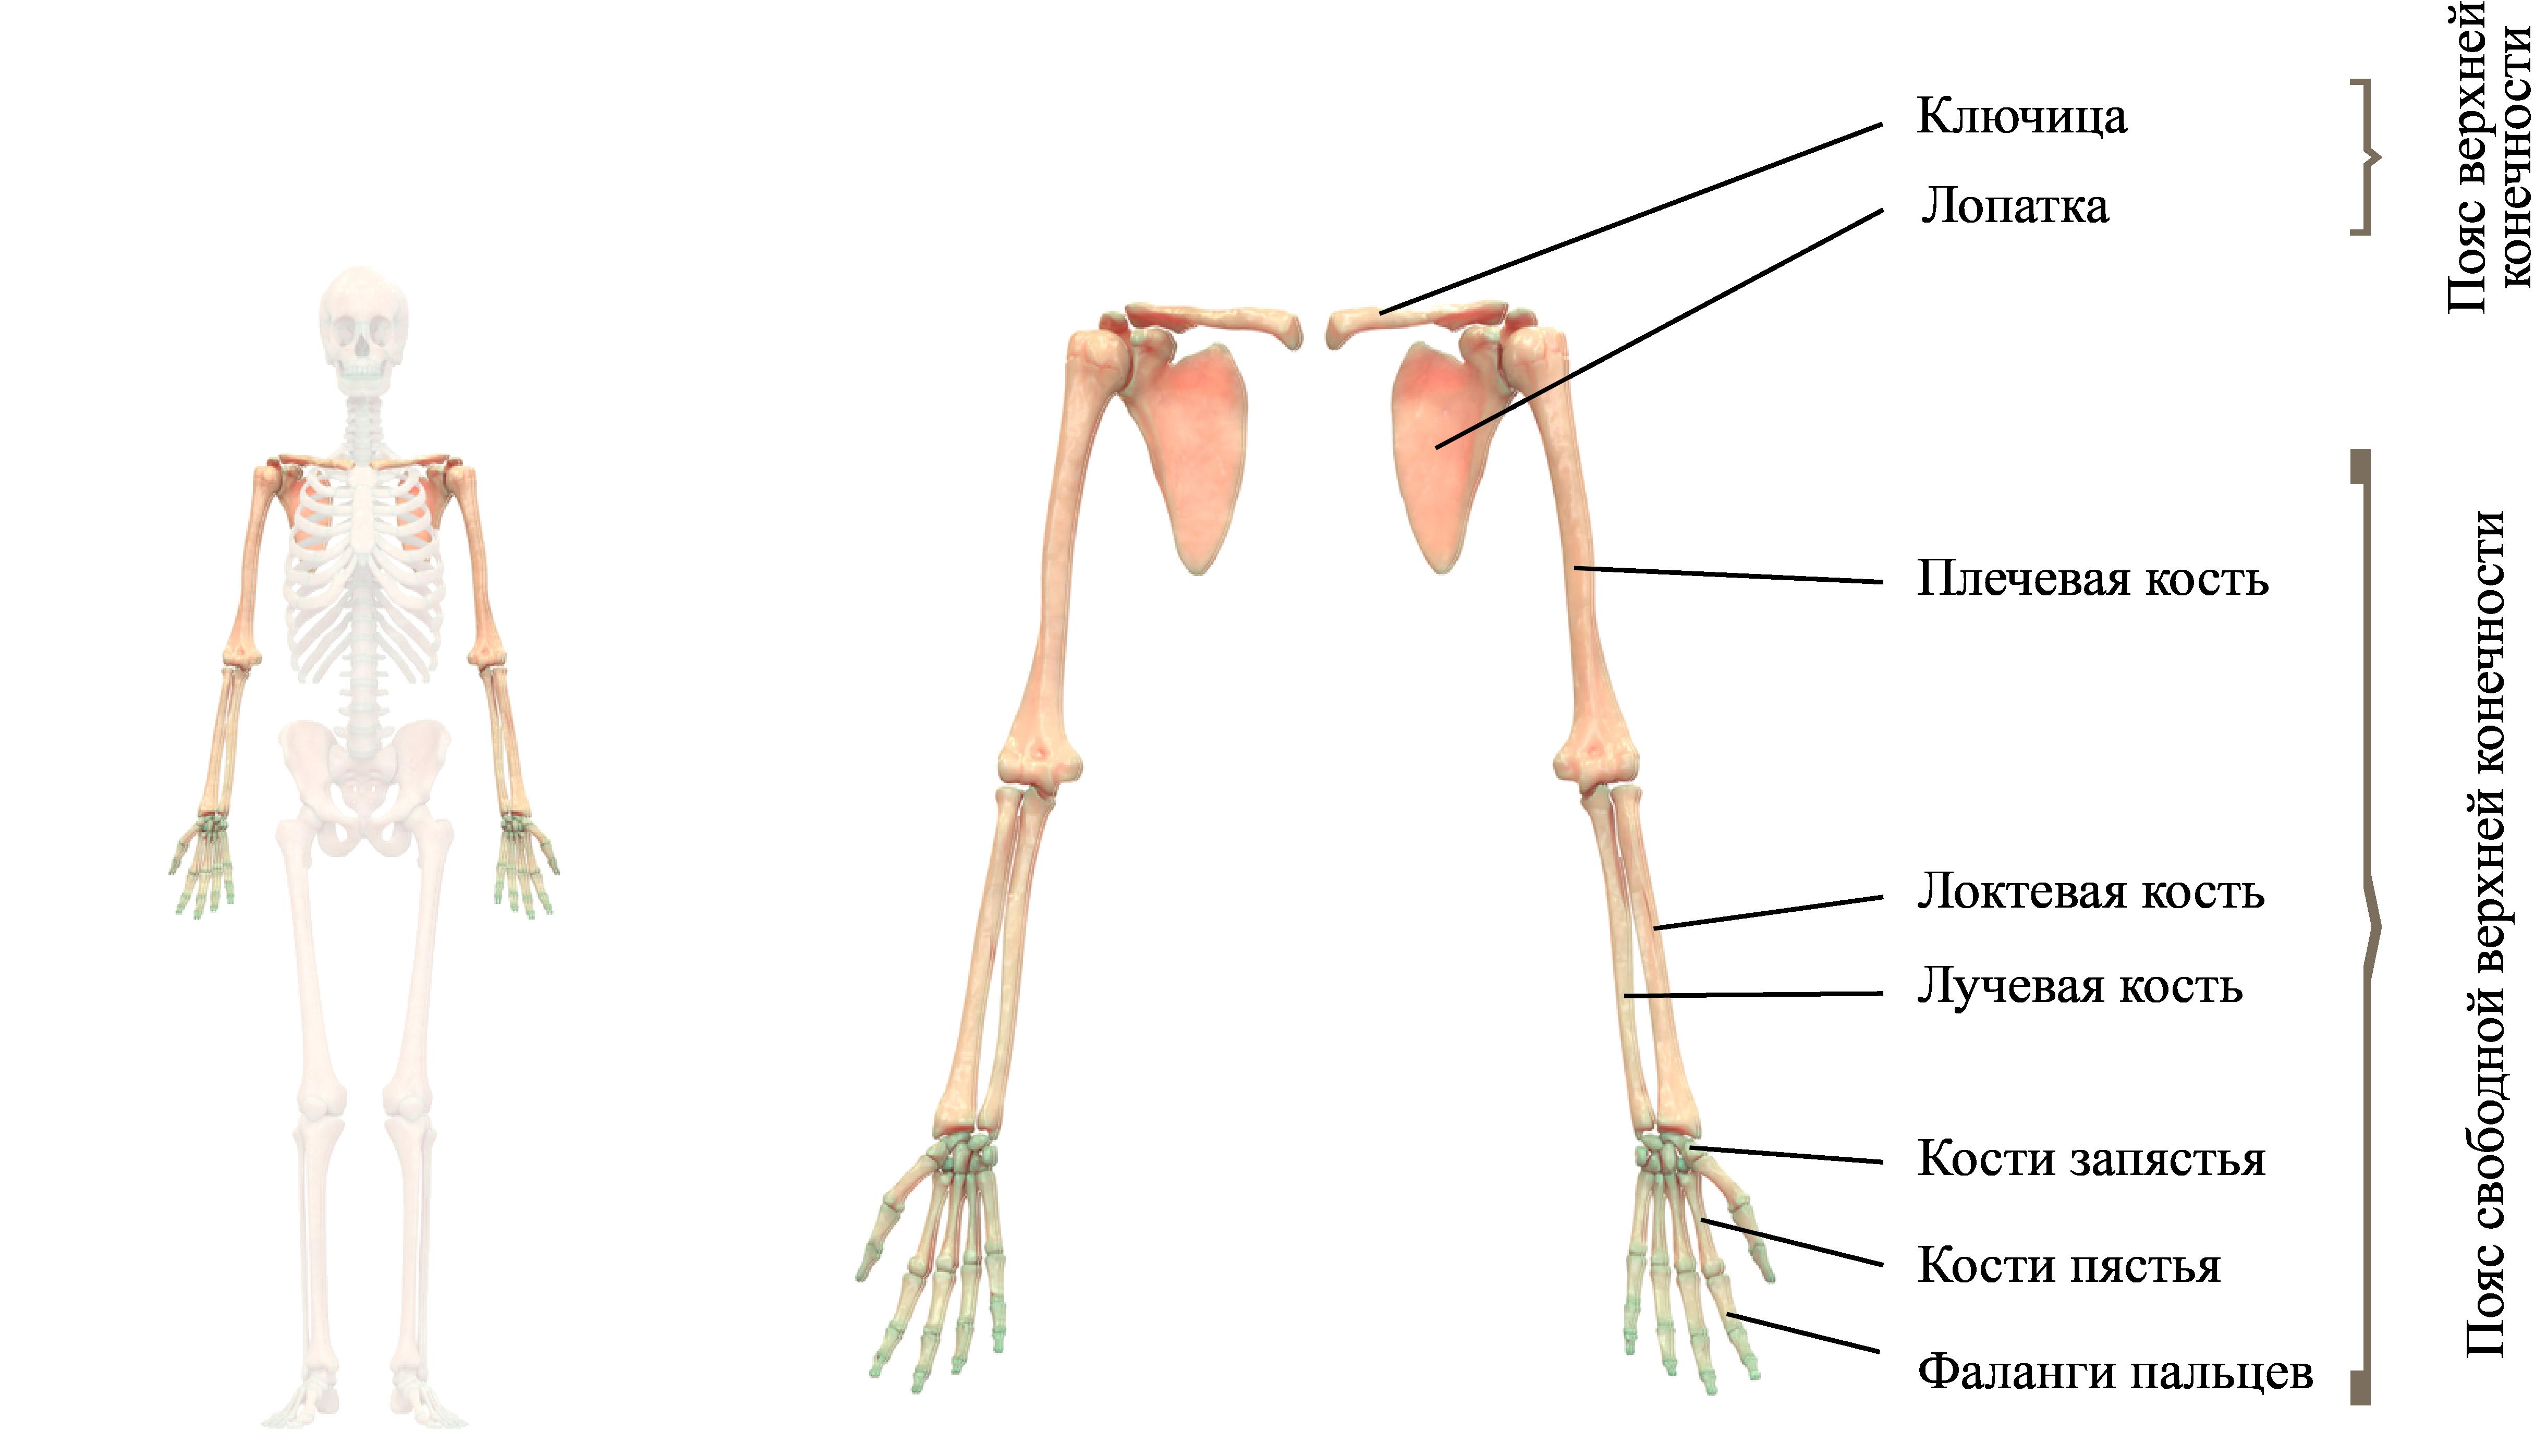 Скелет конечностей